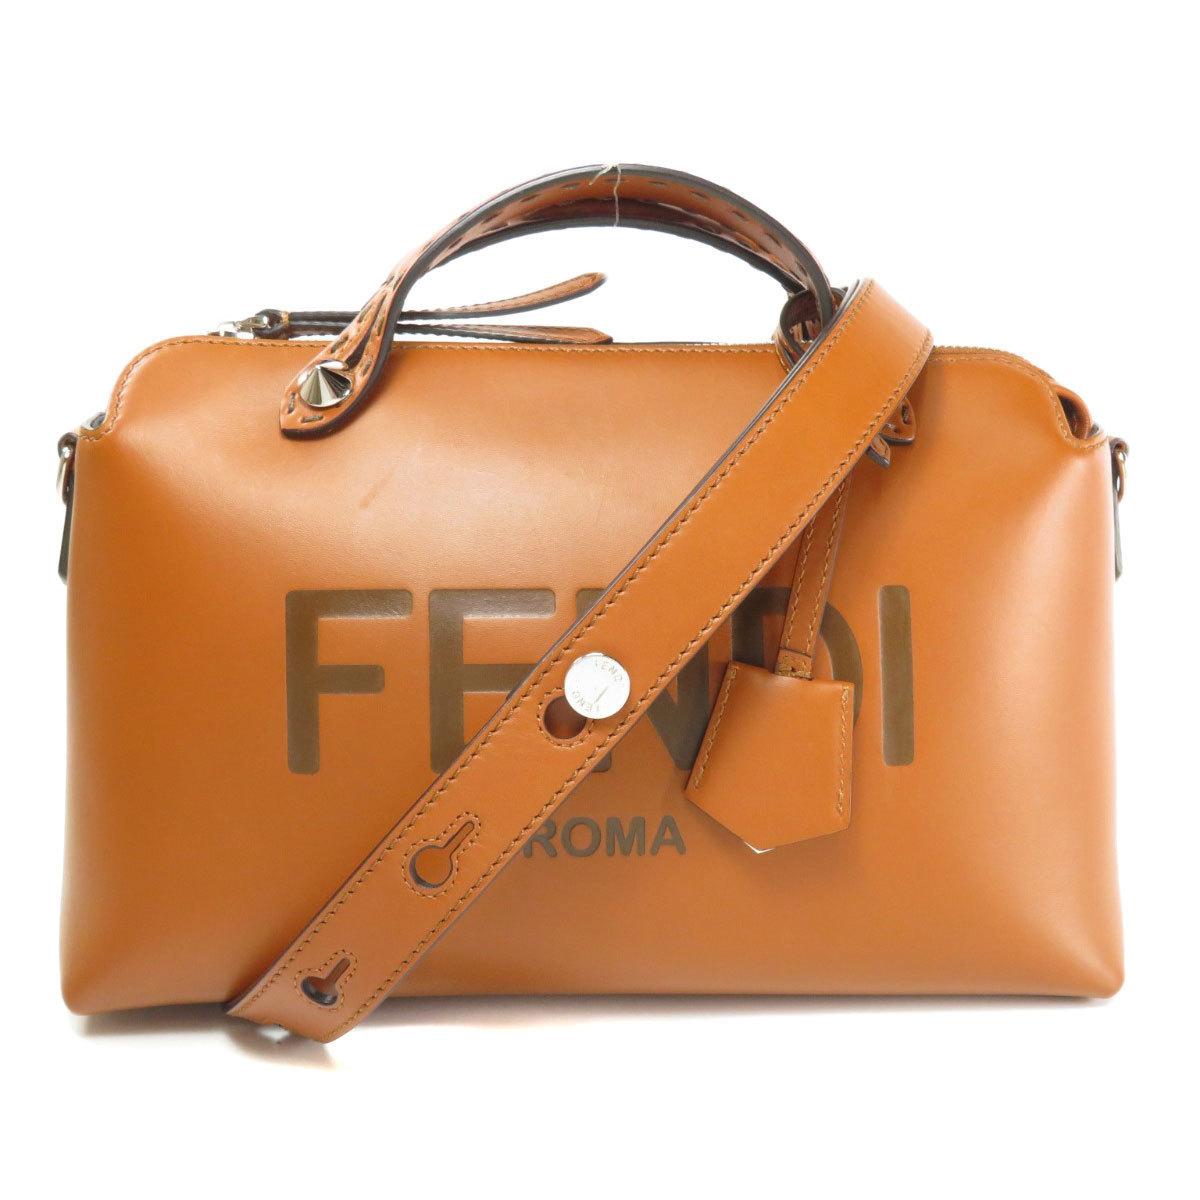 Fendi By The Way 2WAY Handbag Calf Ladies